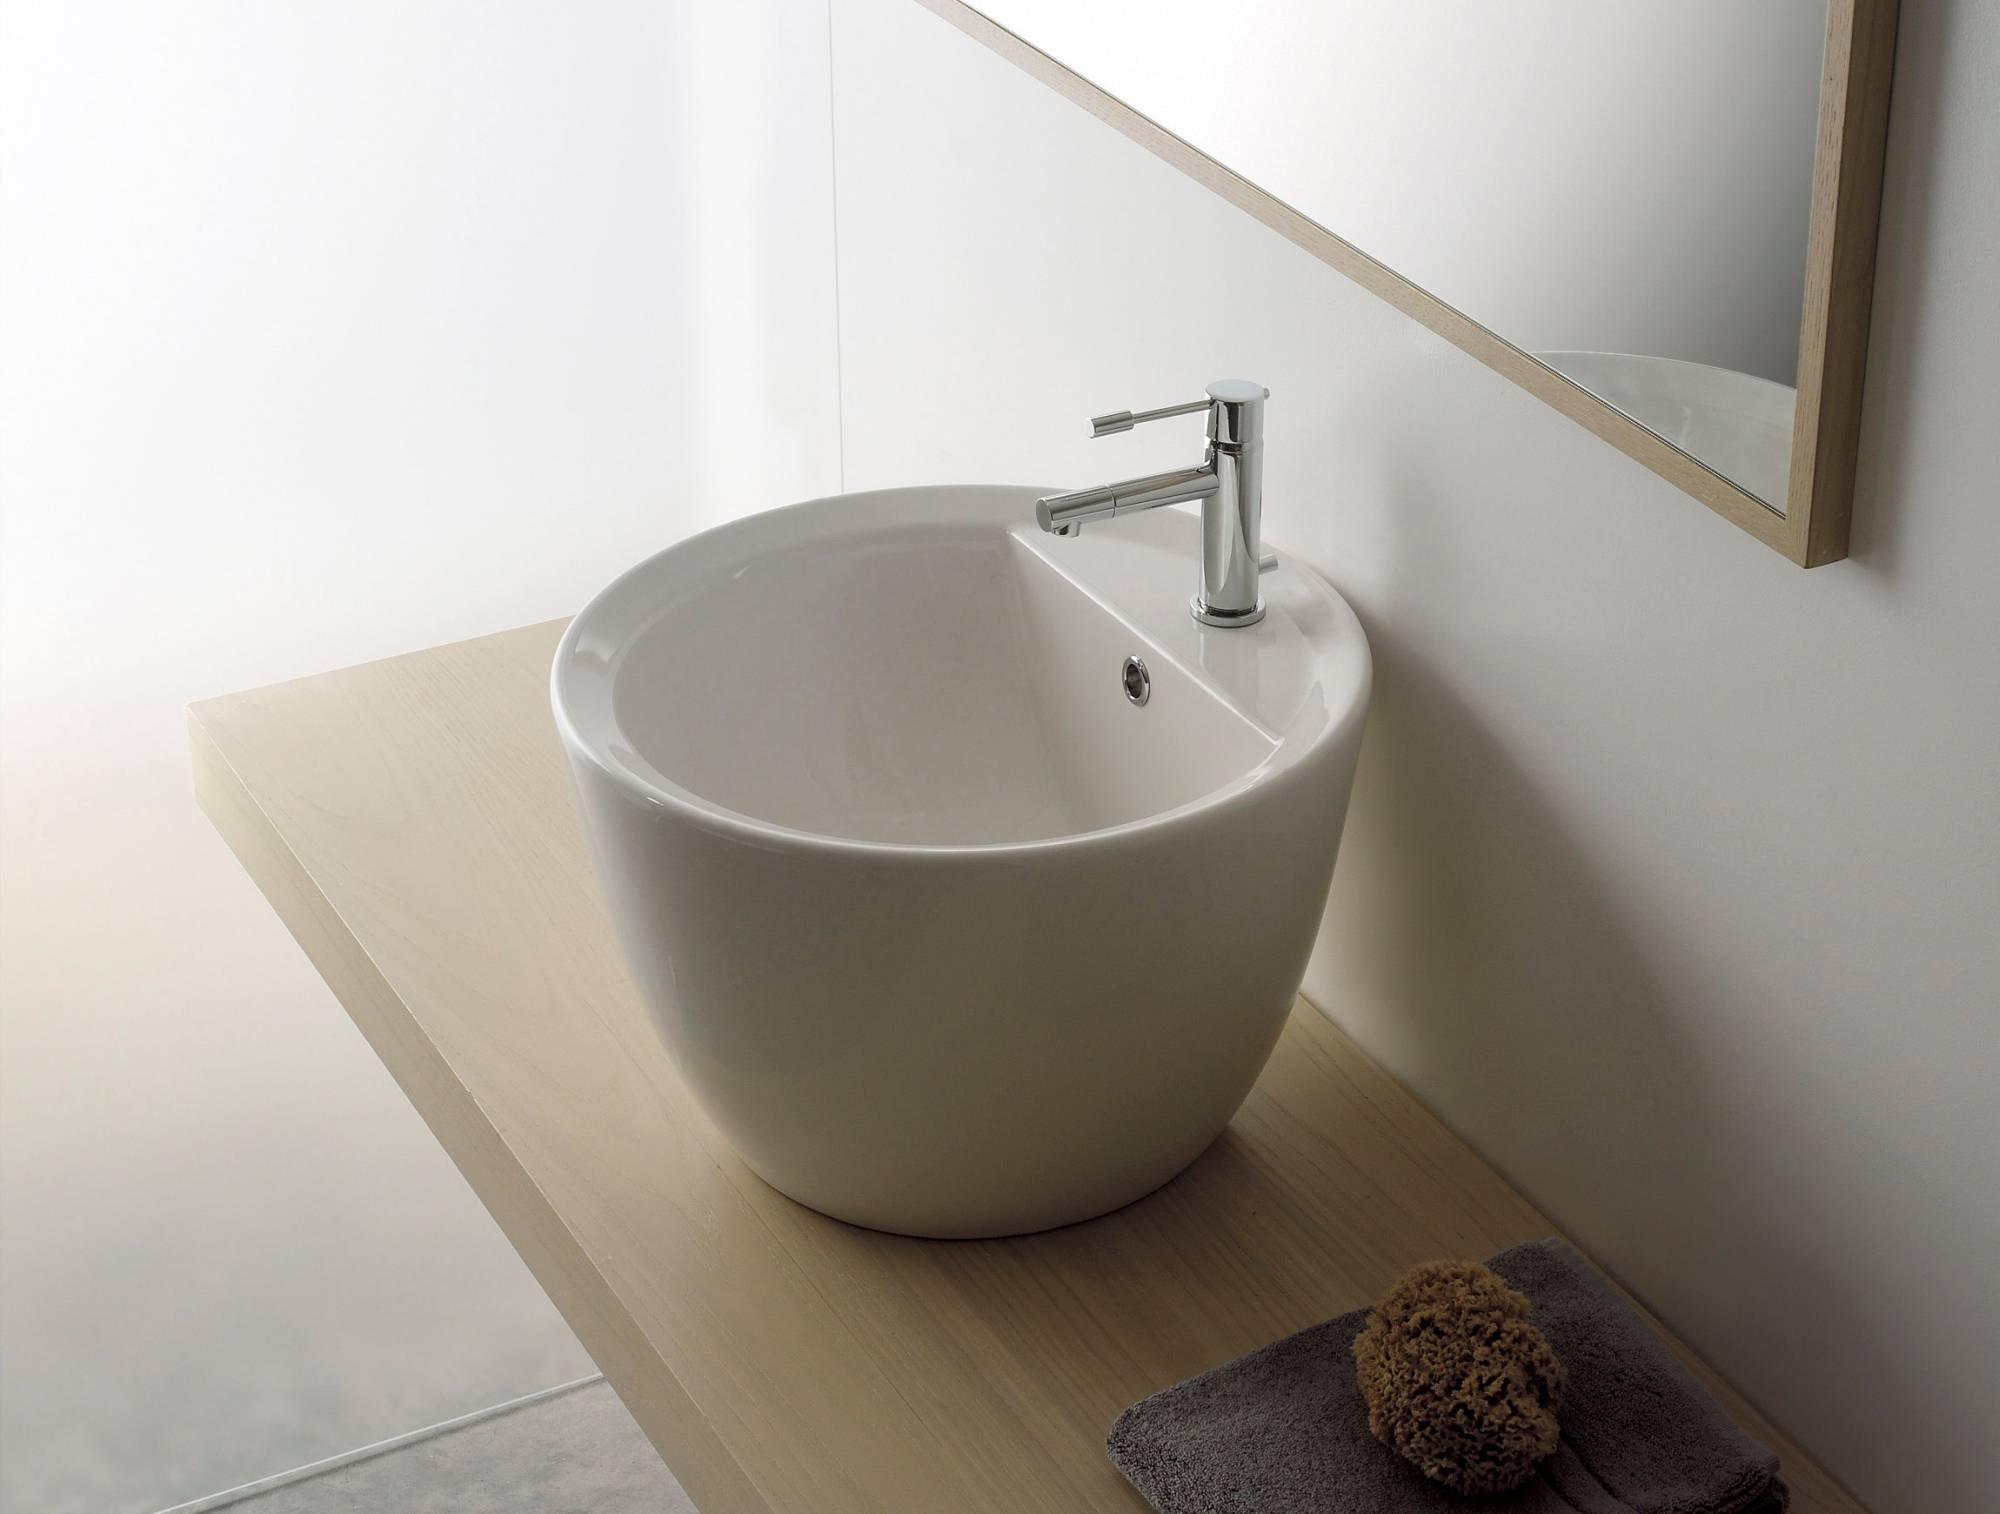 lavabo_da_appoggio_scarabeo_modello_matty_tondo_R.png